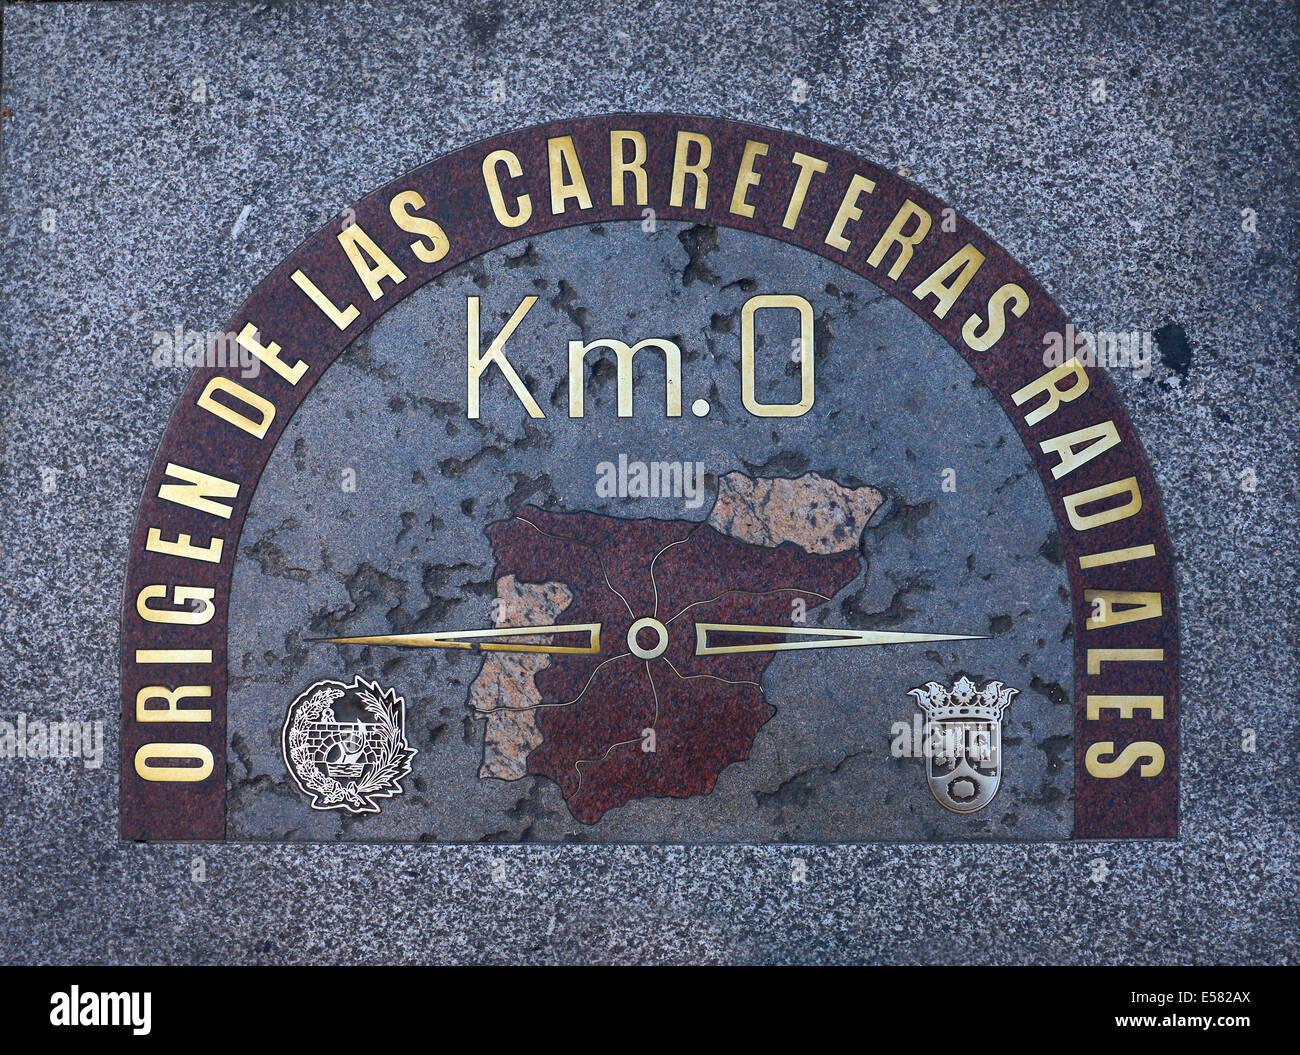 RONDA 7.12 DEL ESPAÑOL CONCURSO DE MICRORRELATOS DE FOROAZKENA... gala a las 22:30 h, GORA ESPAÑA!!! - Página 6 El-kilometro-cero-punto-cero-la-plaza-puerta-del-sol-madrid-espana-e582ax